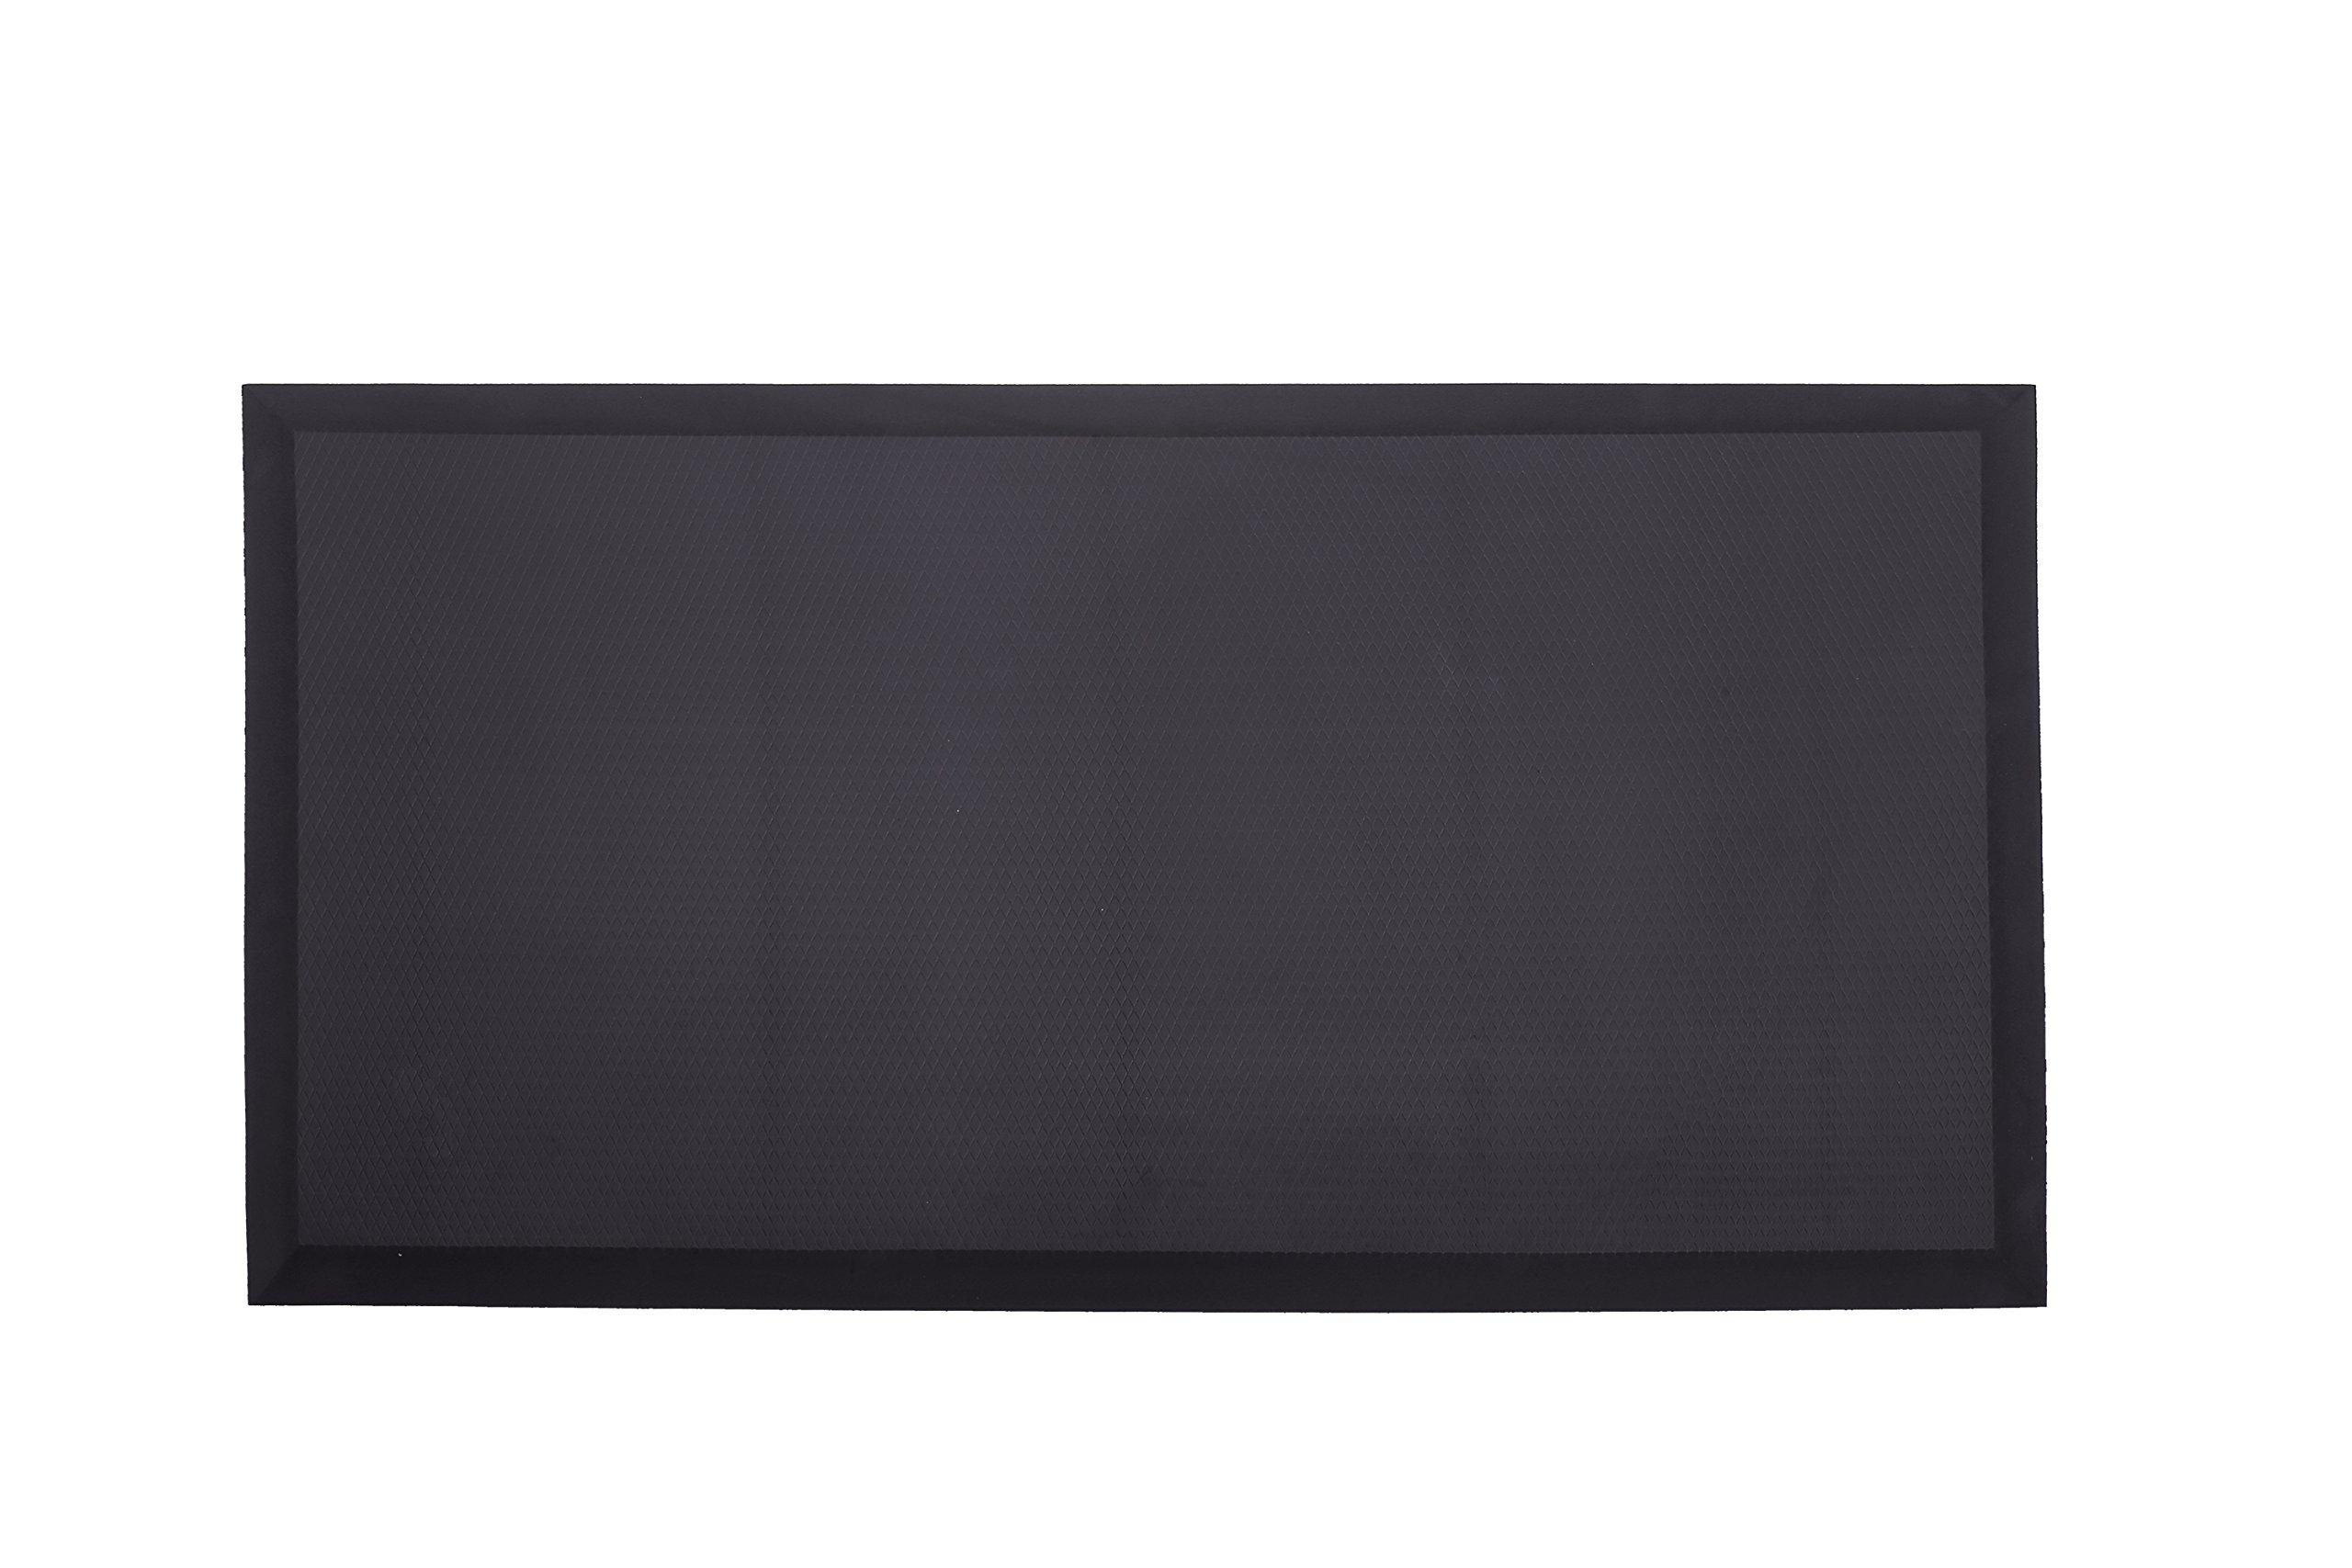 Amcomfy Standing Desk Mat Comfort Floor Mat Anti Fatigue Mat for Office (20''x39''x3/4'', black)